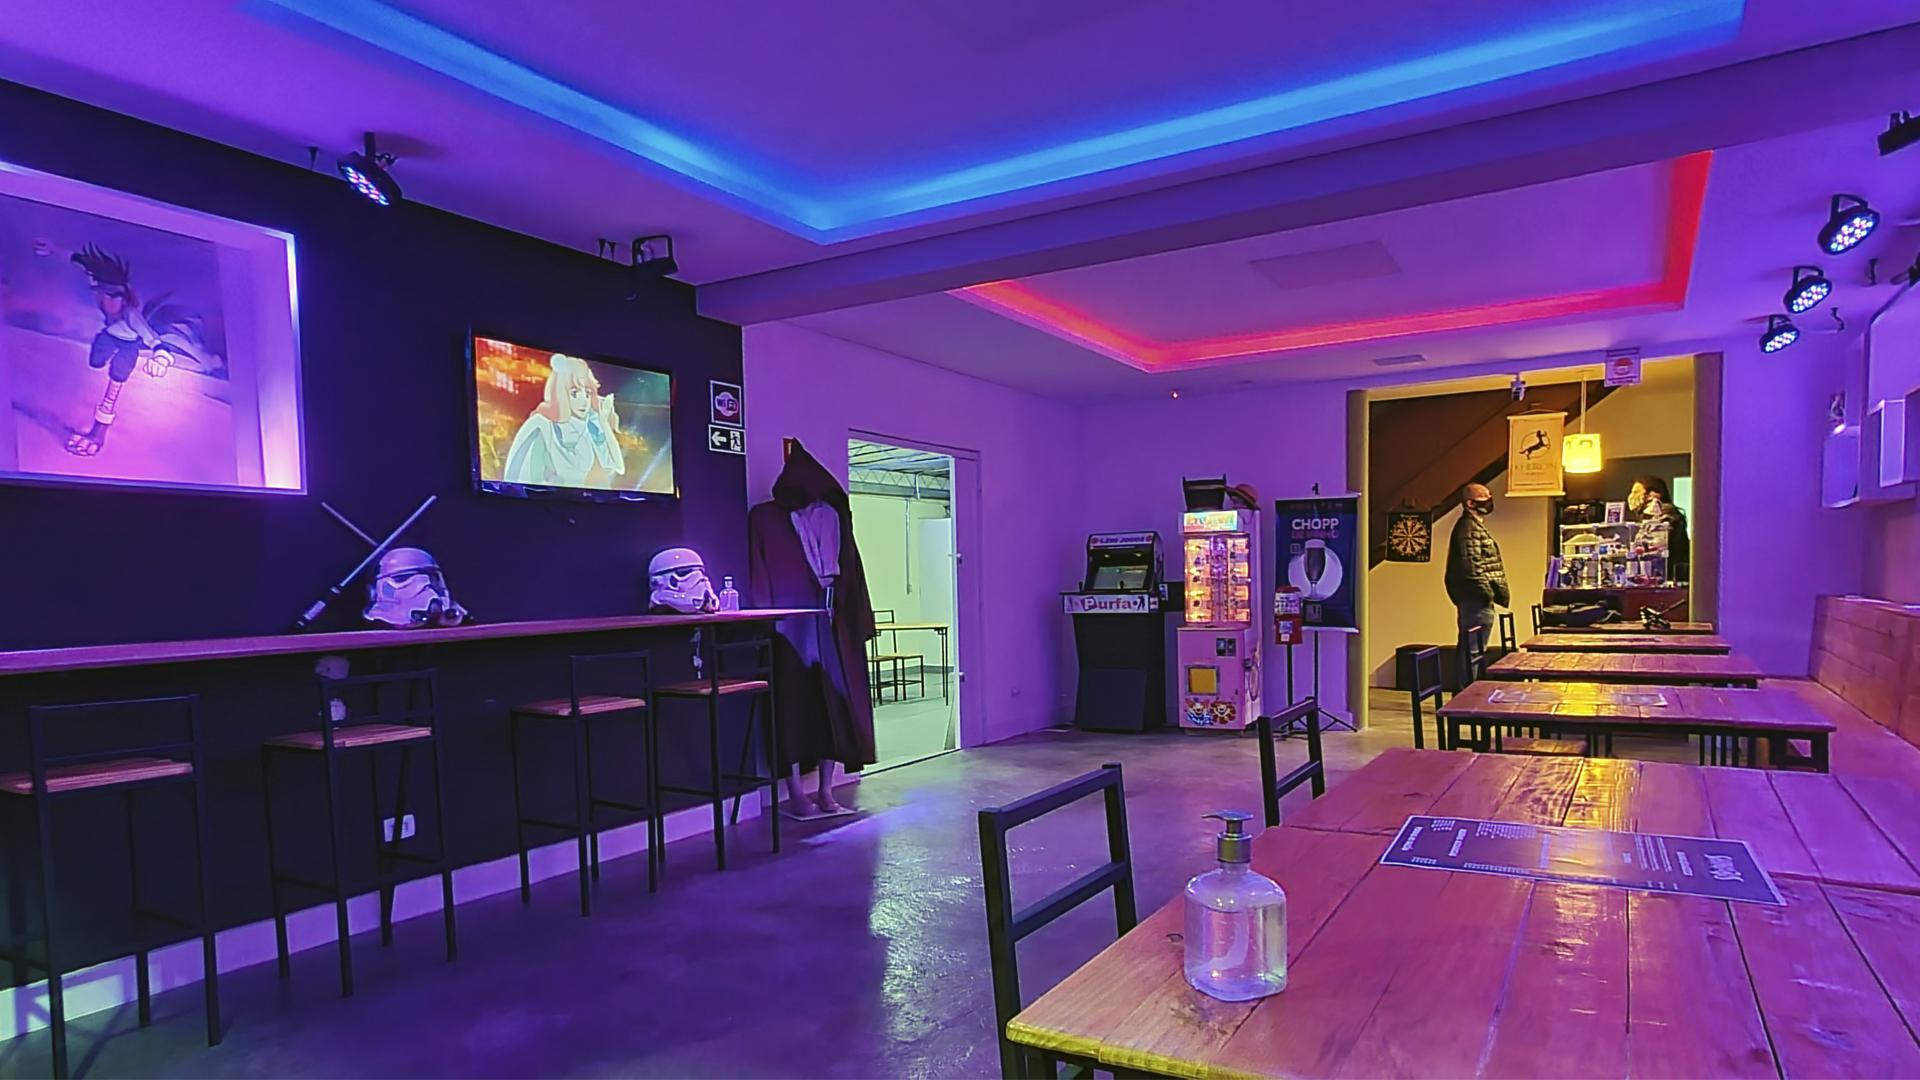 O espaço tem 236 m² e está sendo decorado para que os elementos representem a atmosfera do evento Shinobis Spirit.